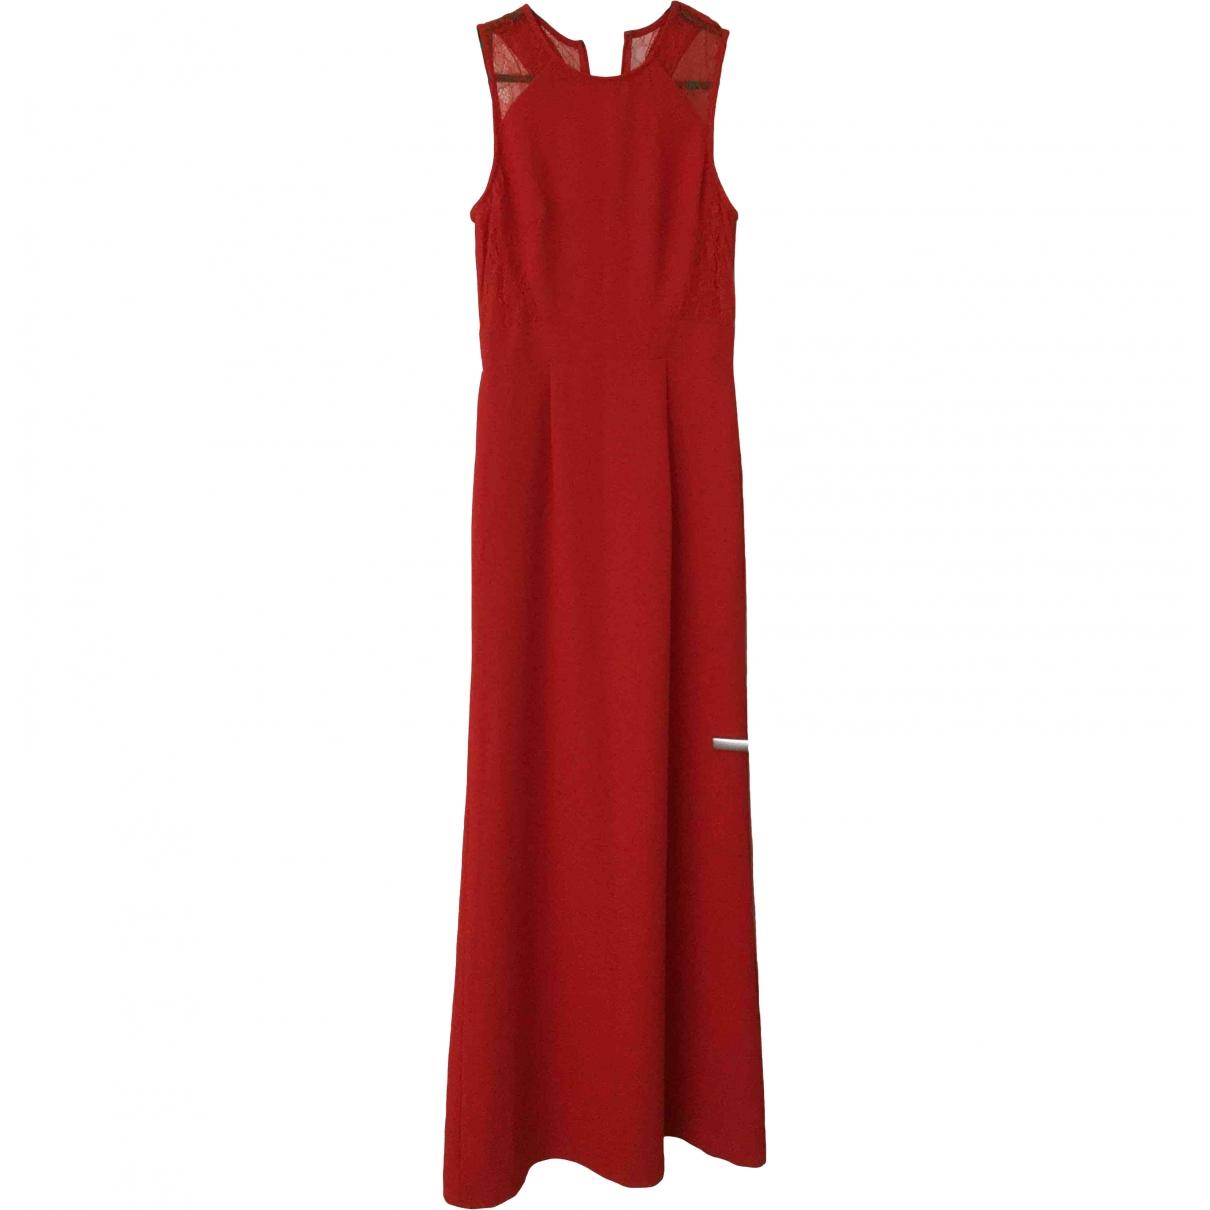 Whistles \N Orange dress for Women 8 UK